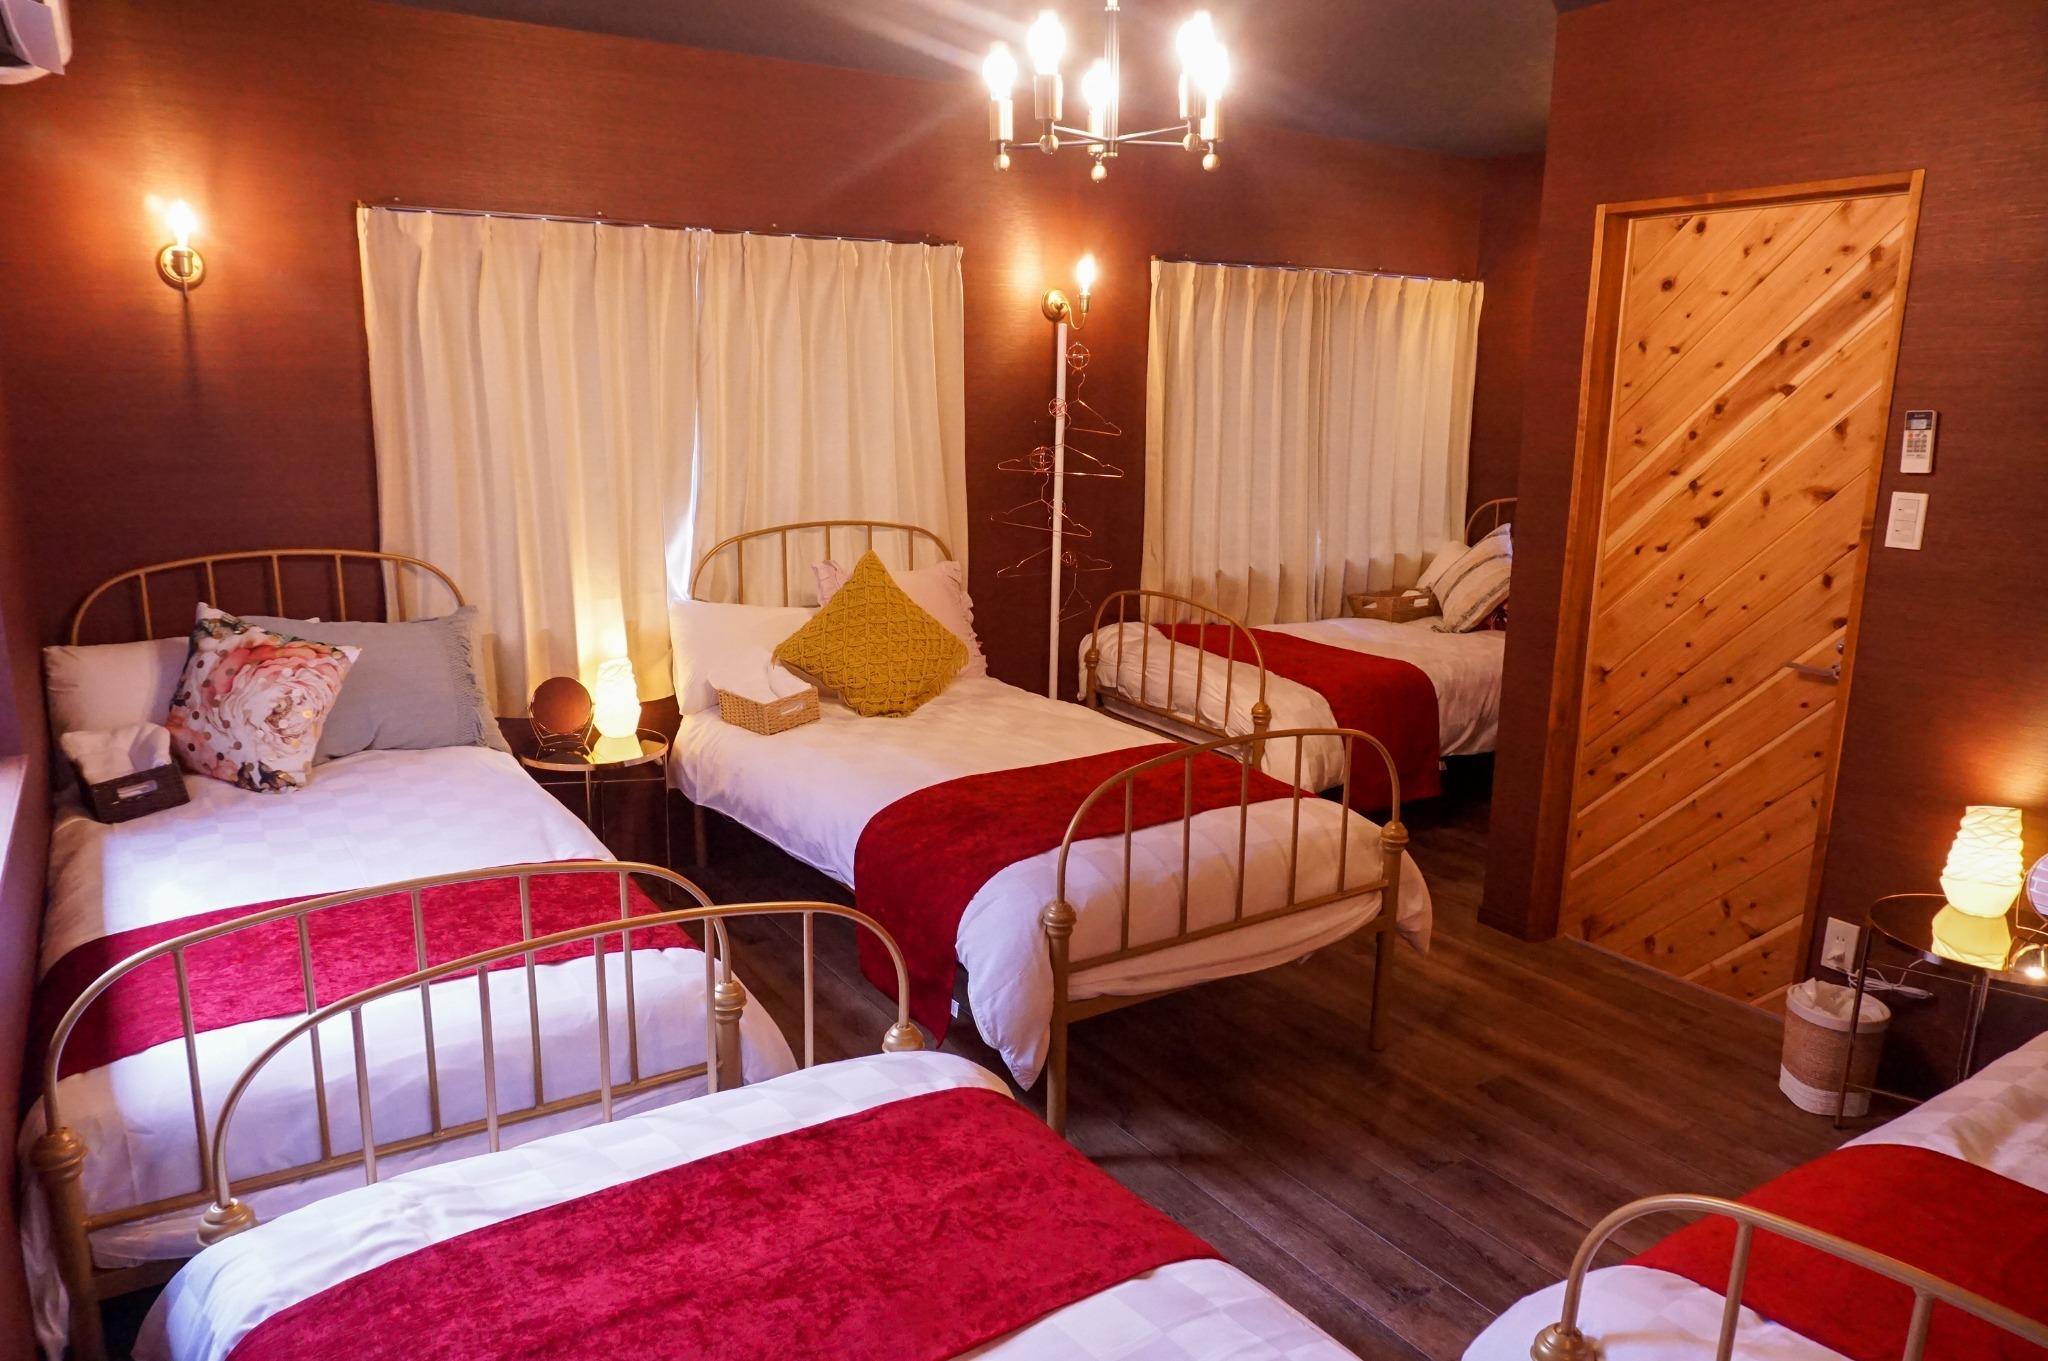 鍵付き女性専用個室(ベッド・最大5名), 海まで徒歩2分, Wifi, シャワー, キッチン完備